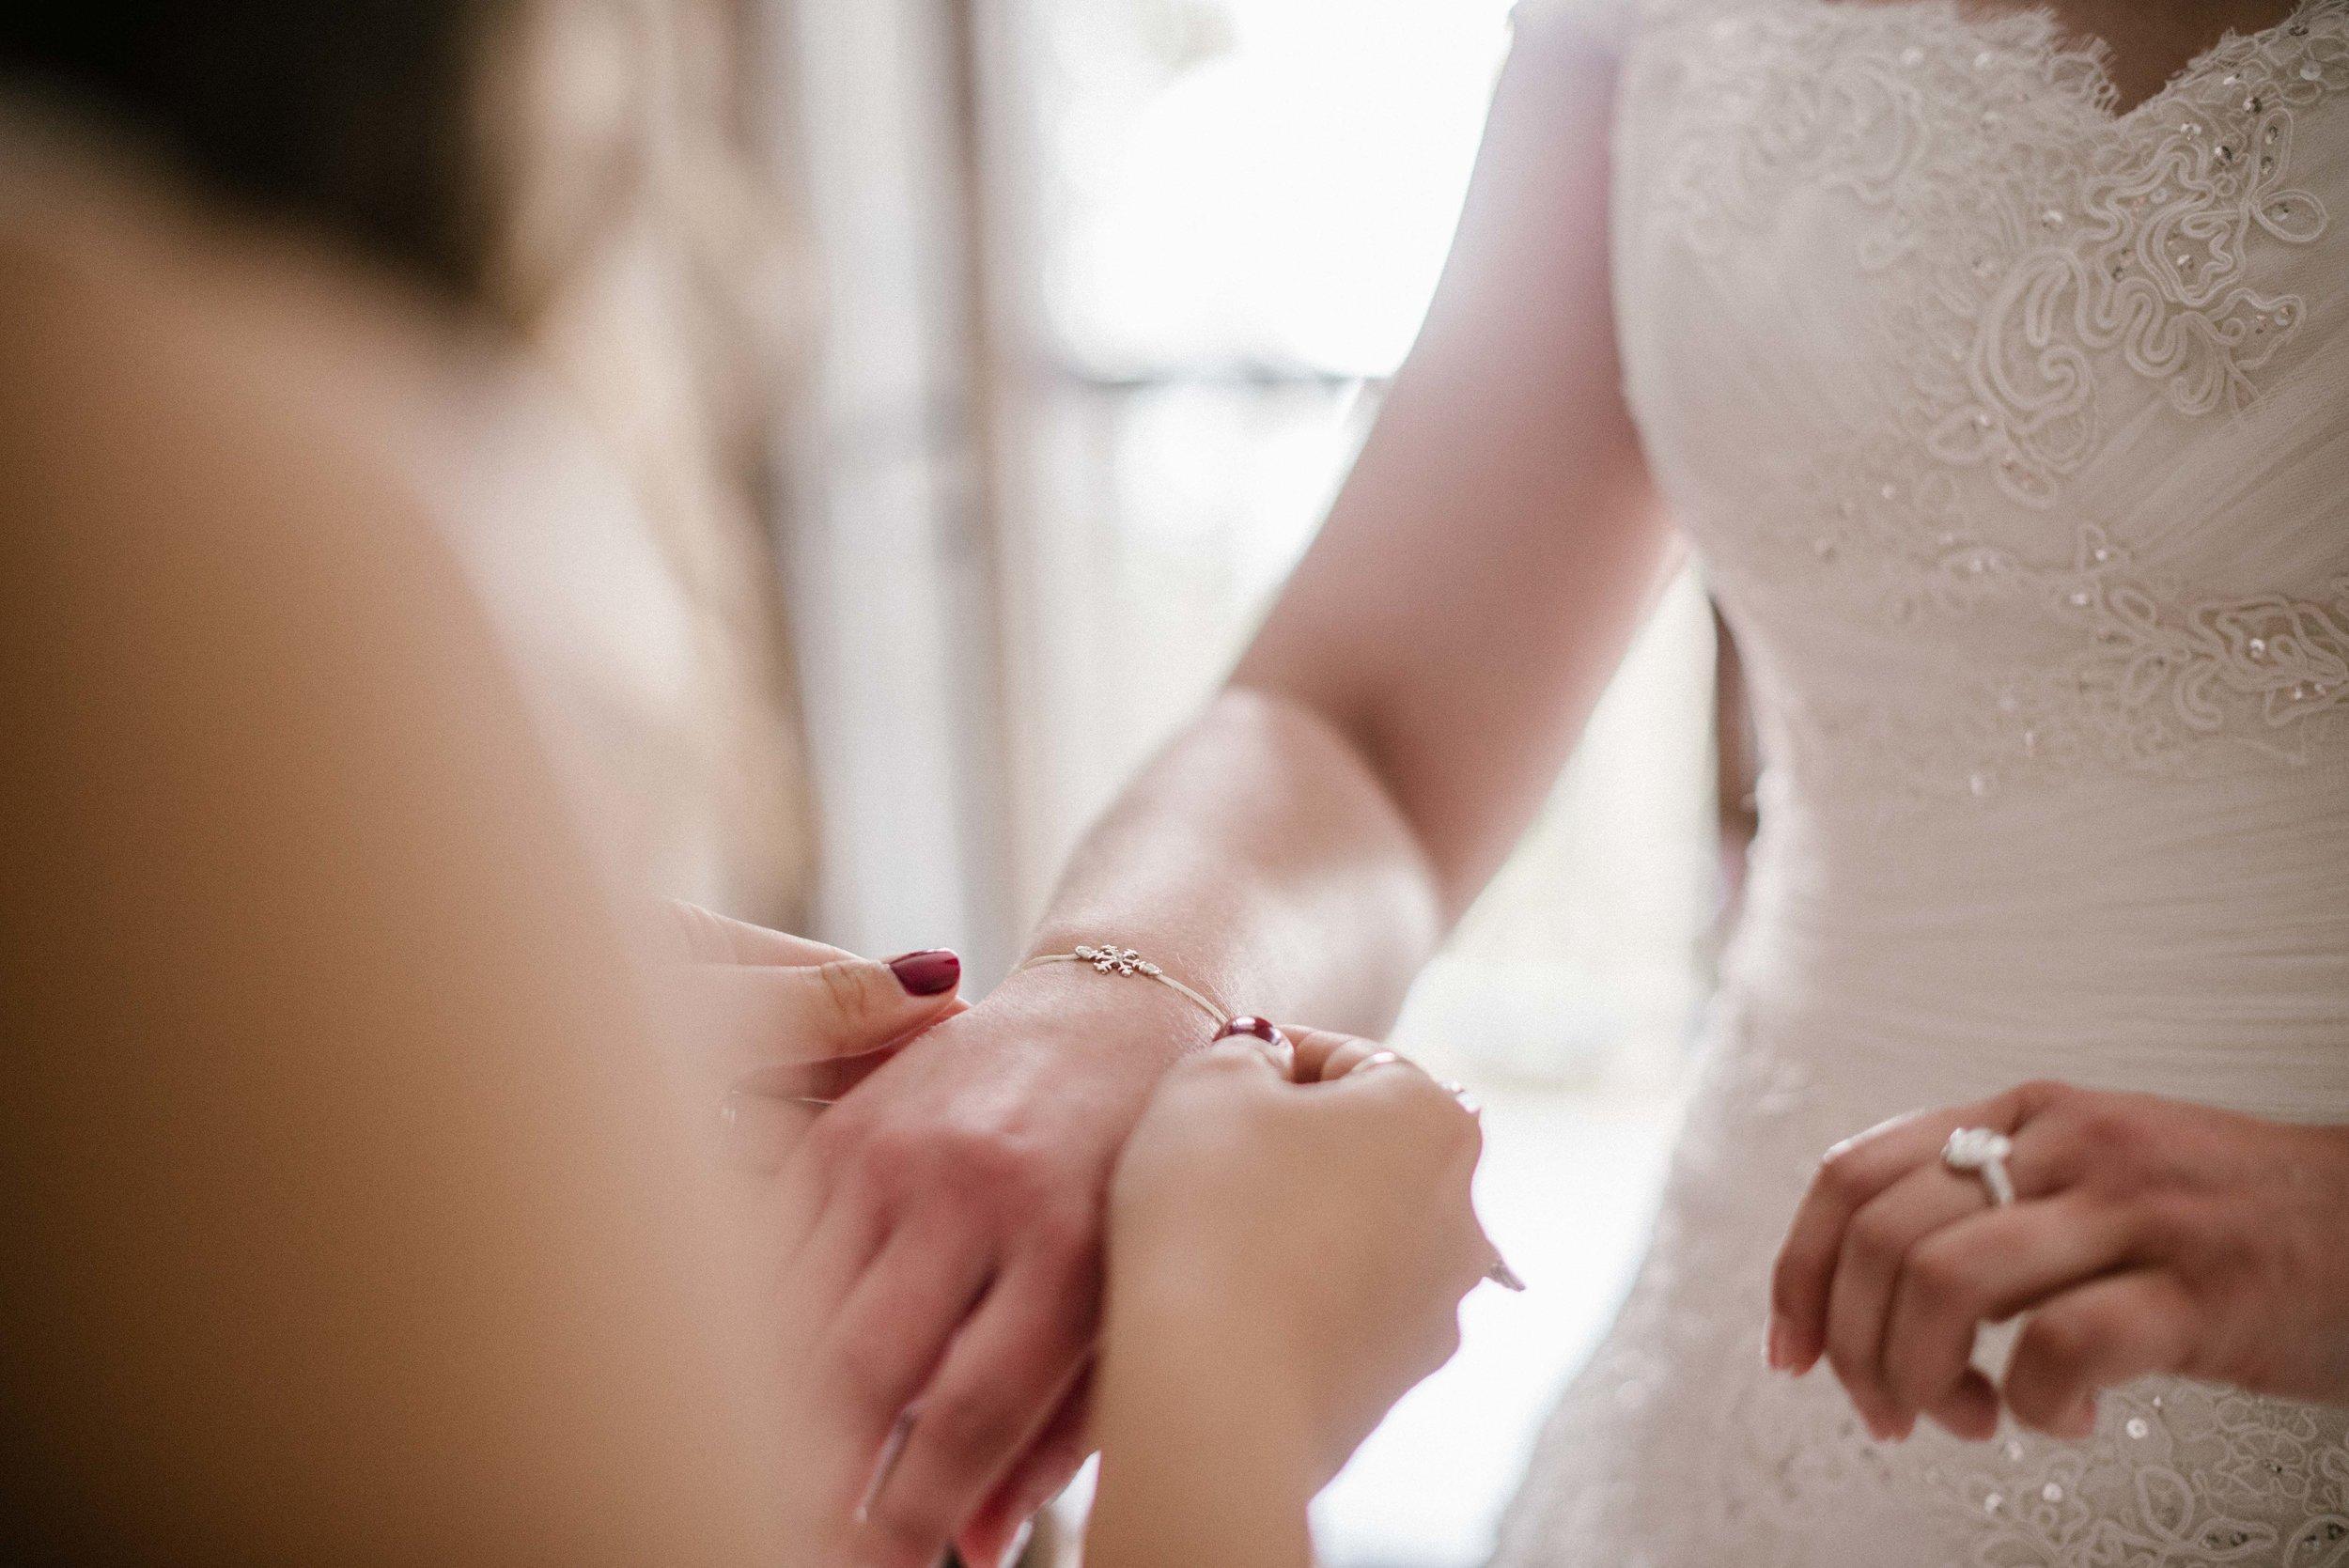 Léa-Fery-photographe-professionnel-lyon-rhone-alpes-portrait-mariage-couple-amour-lovesession-engagement-elopment-2131.jpg